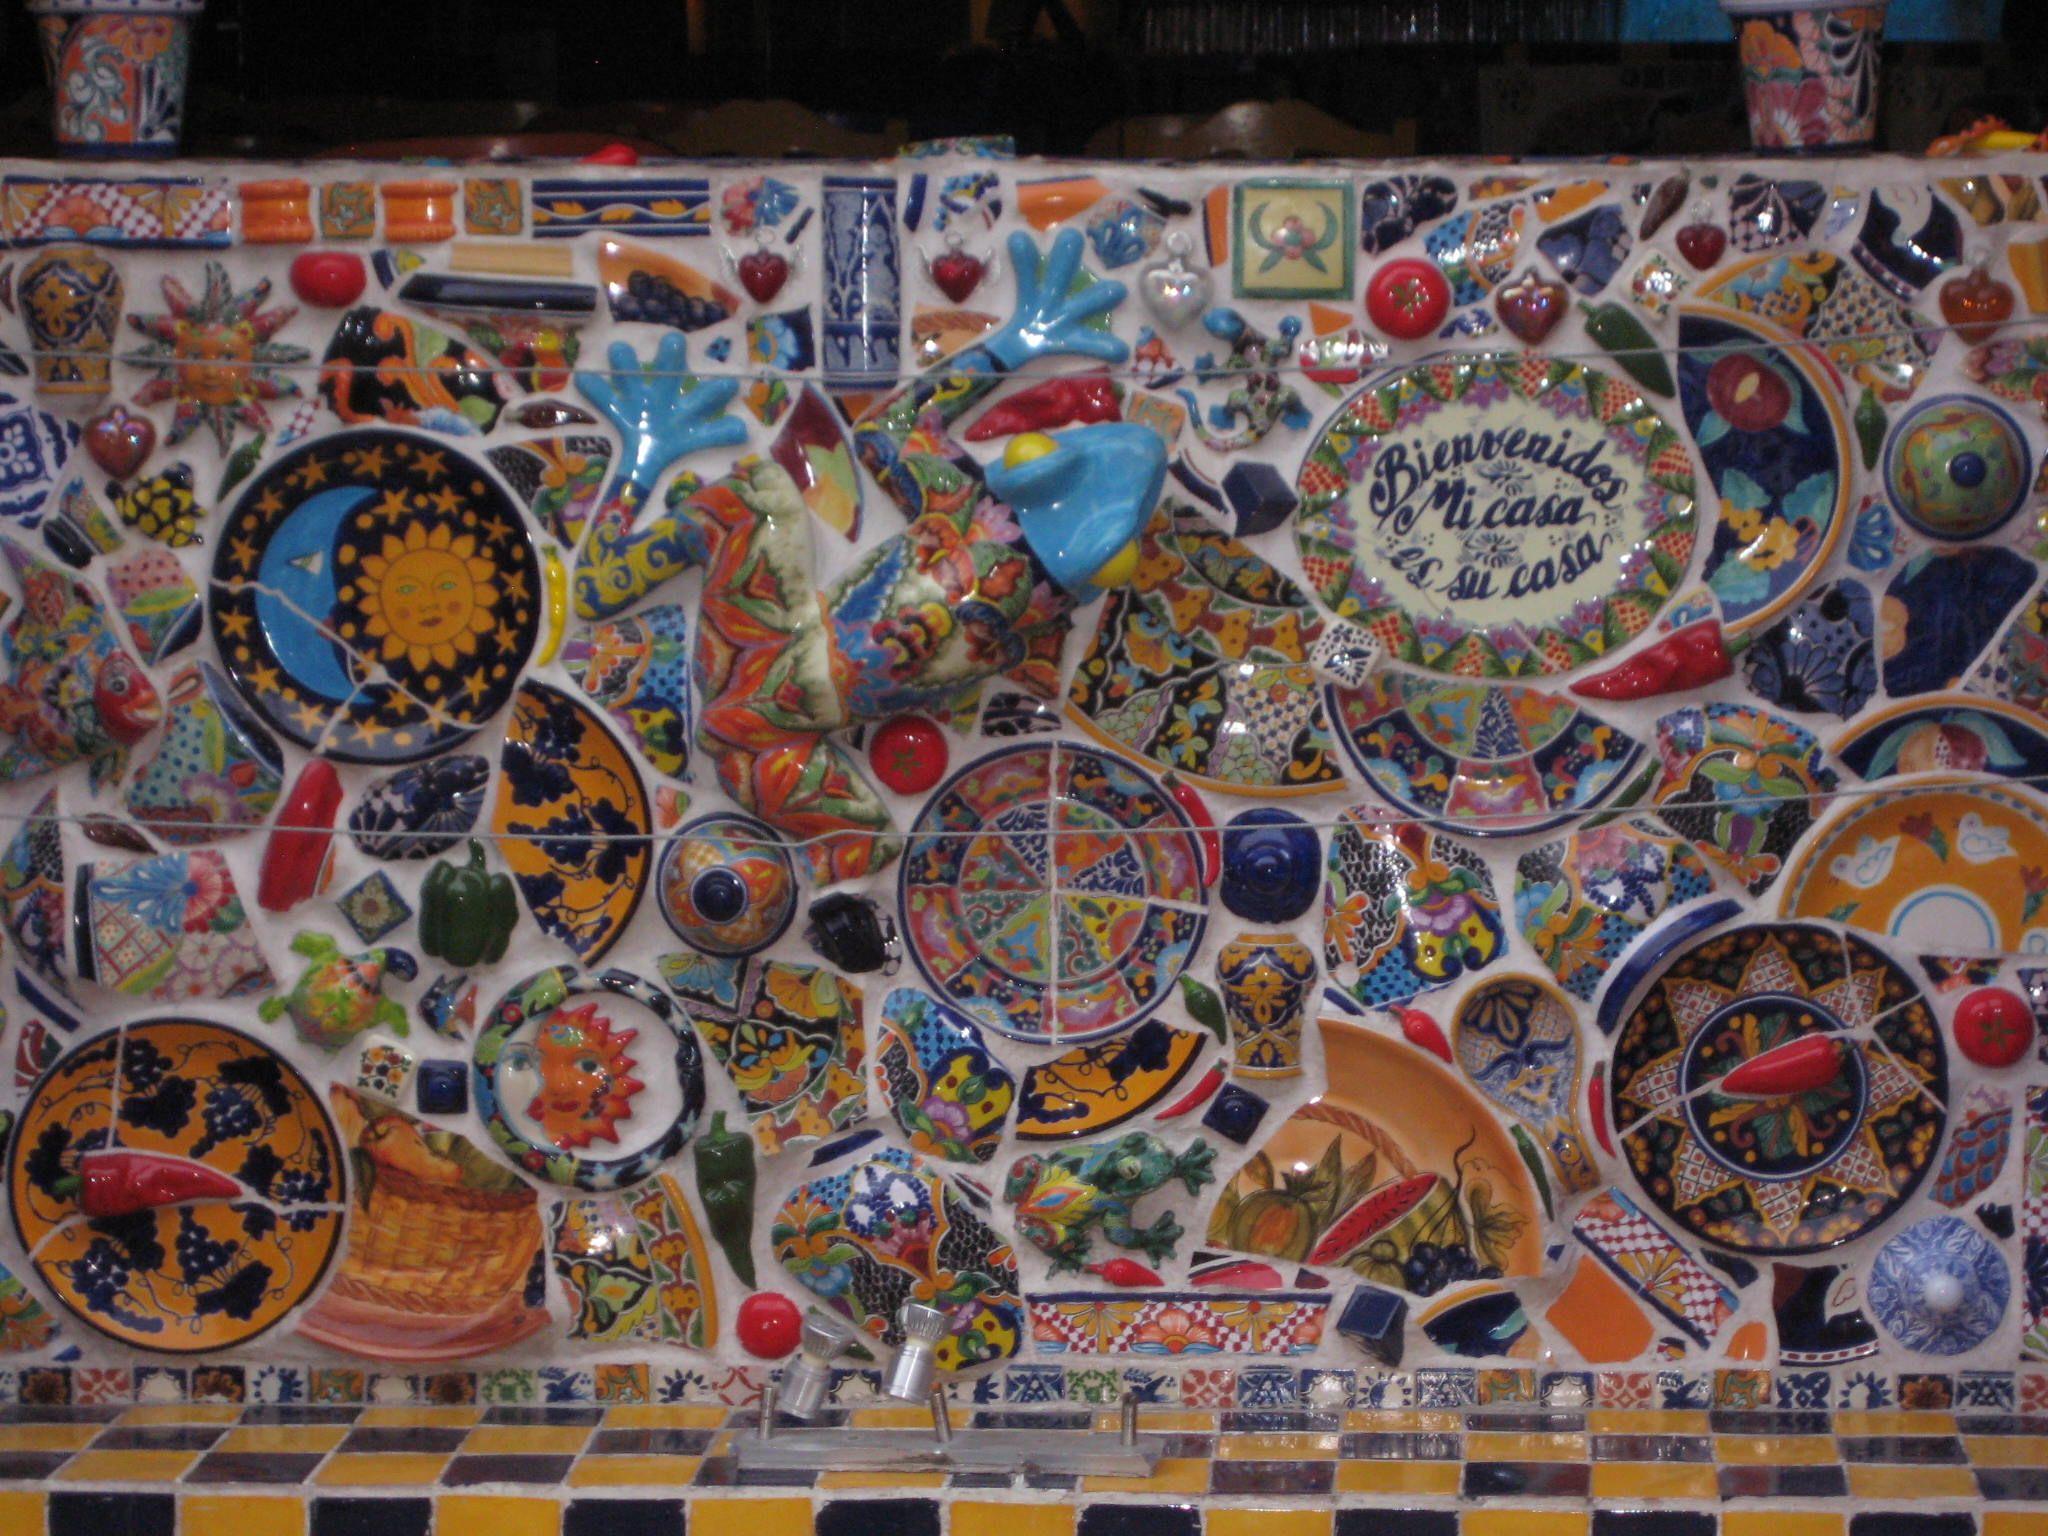 Mural de san miguelito est hecho con diversos art culos - Ceramica para exteriores ...